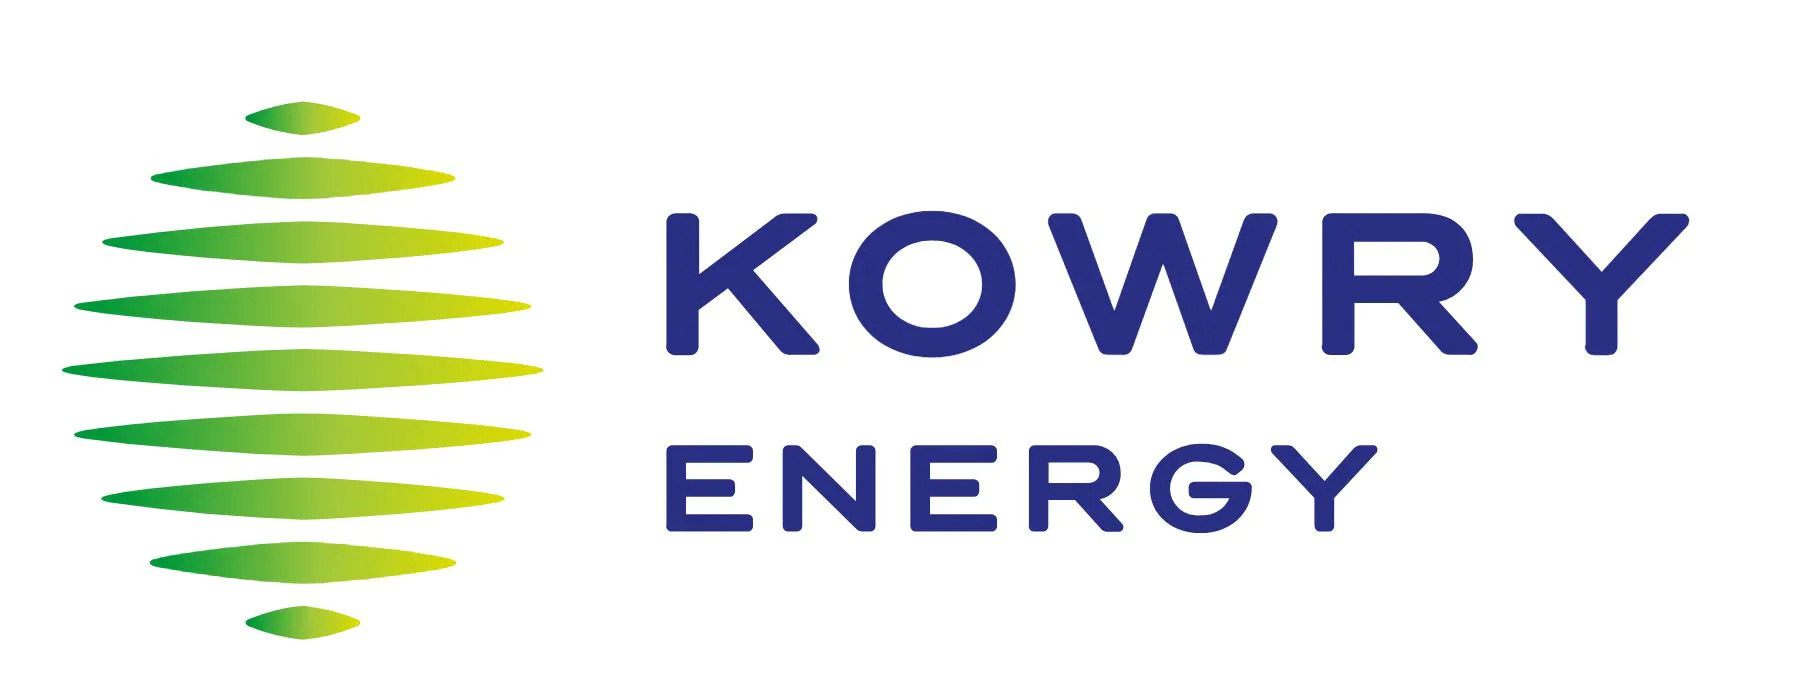 Kowry Energy